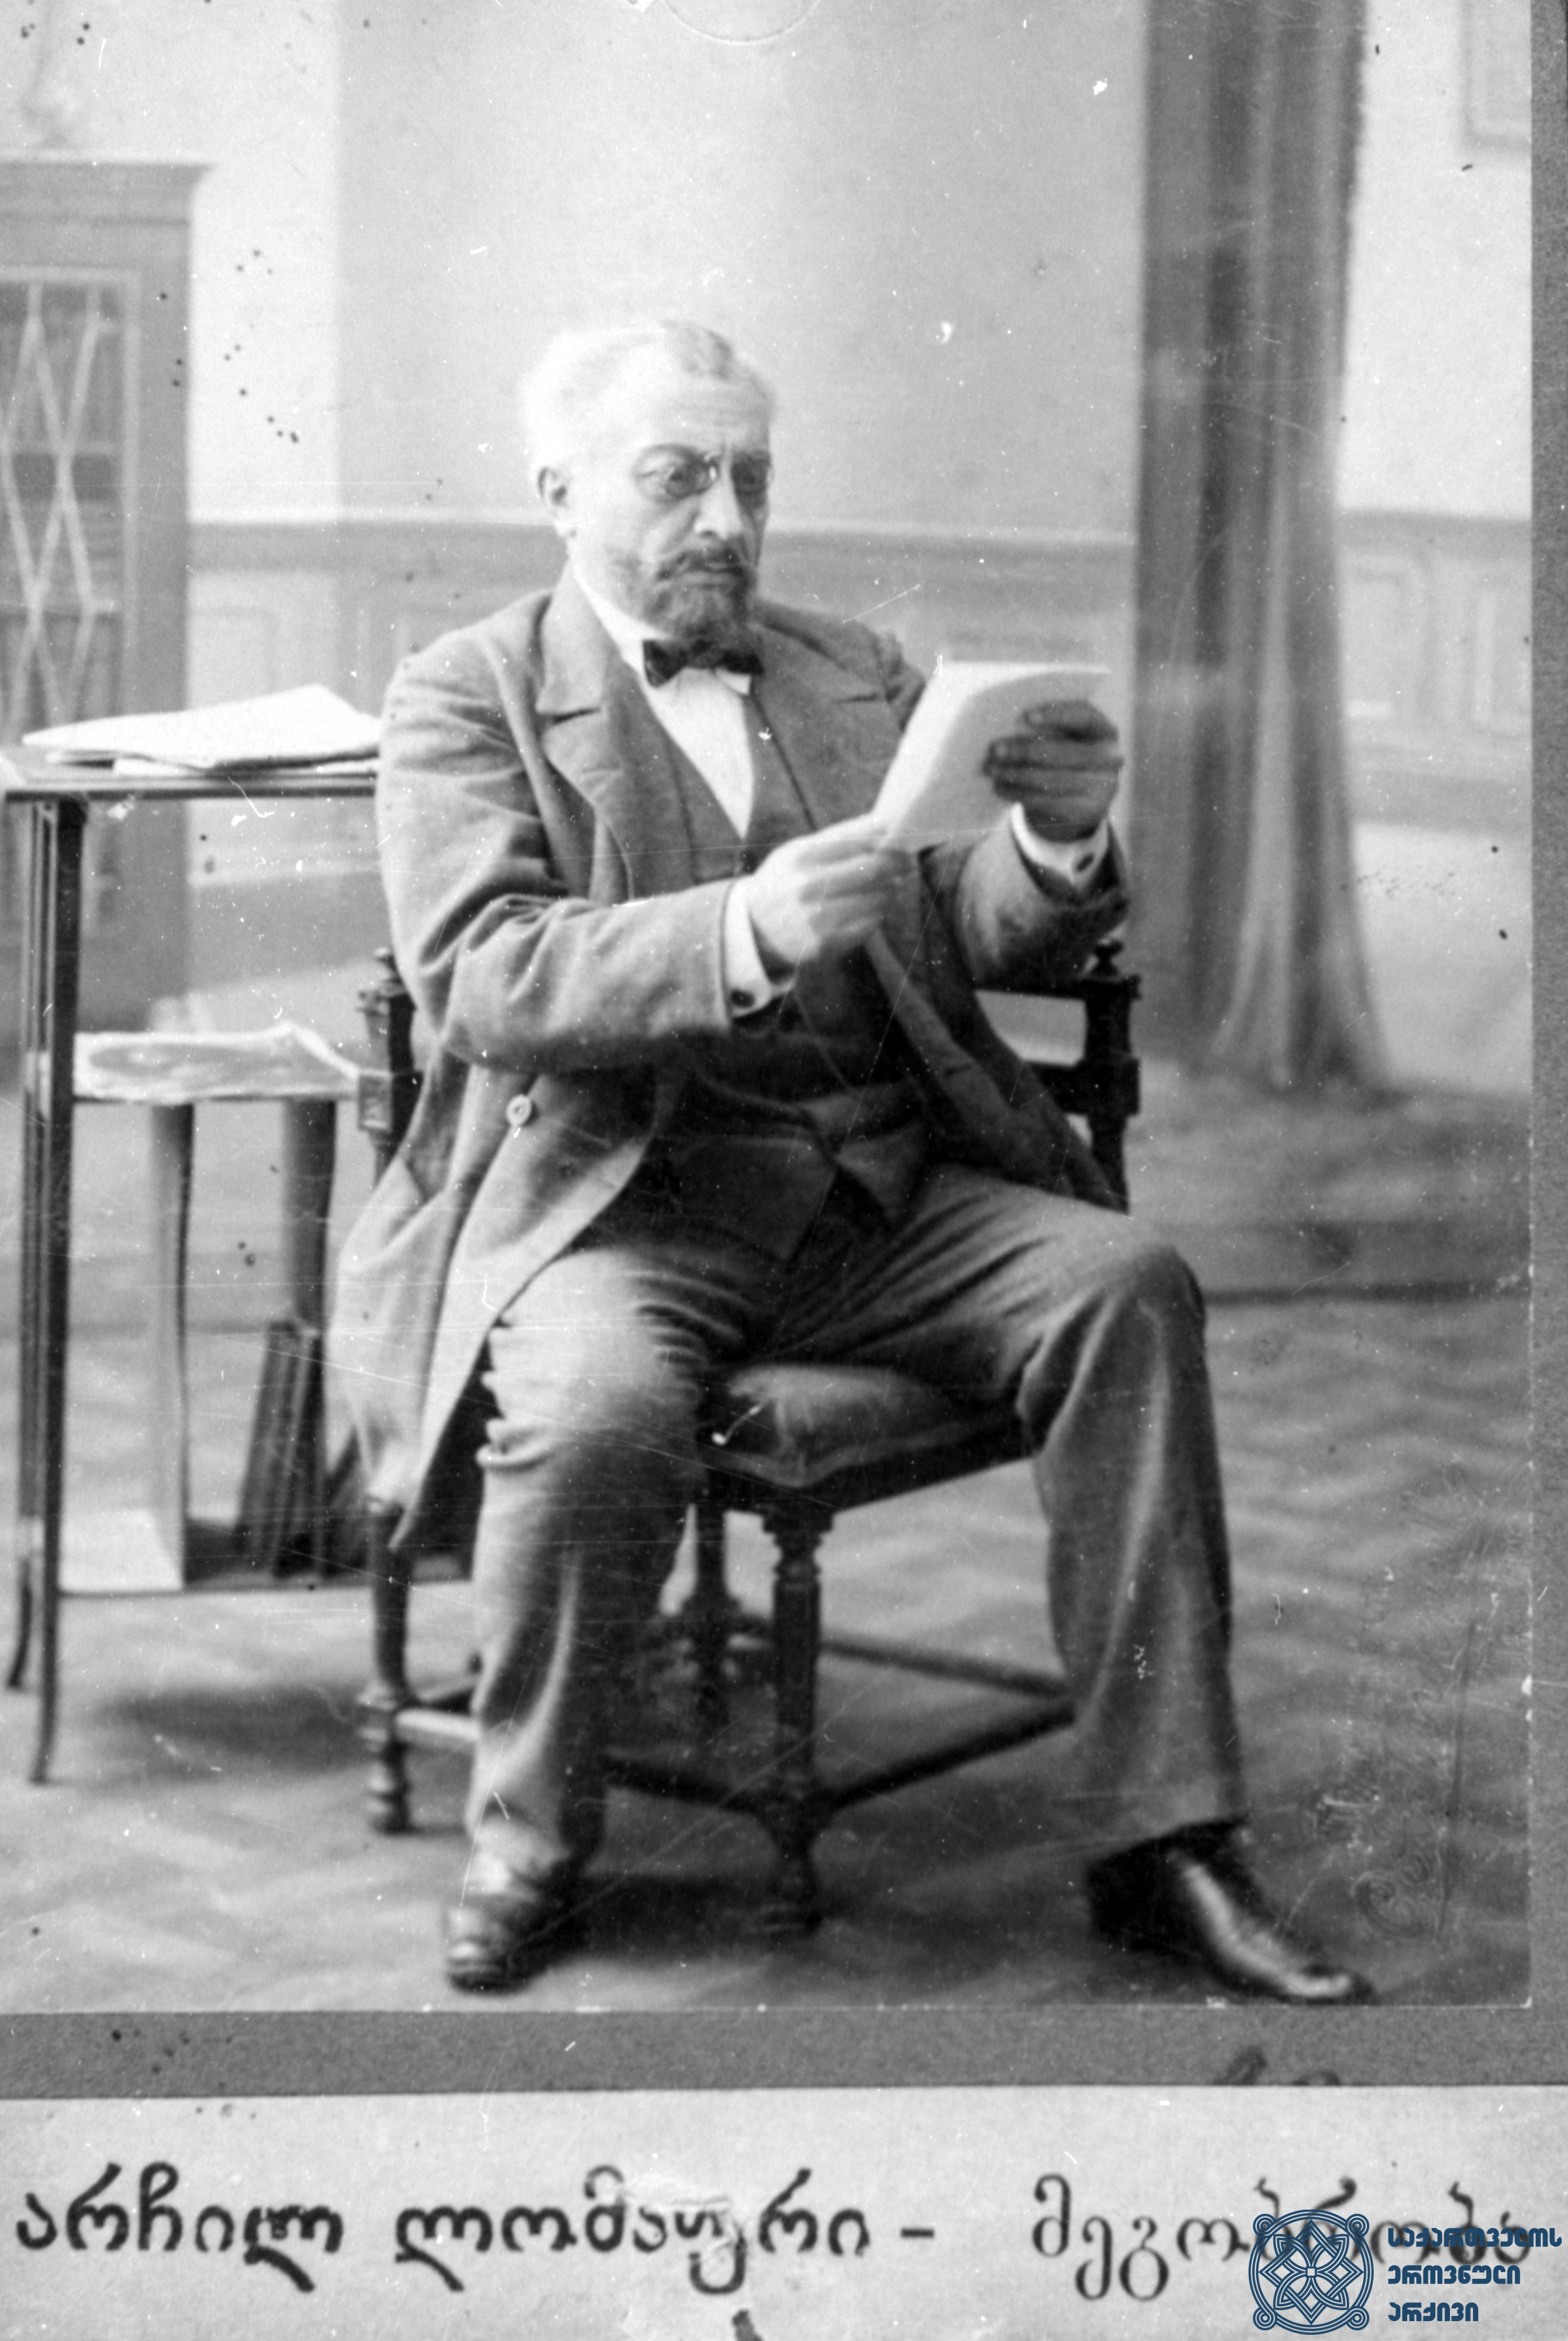 """სპექტაკლი """"მეგობრობა"""". არჩილ ლომოური – ვალერიან გუნია. <br>   1880-იანი წლები.  <br> The performance """"Megobroba"""" (""""Friendship""""). Valerian Gunia as Archil Lomouri. <br> 1880s."""